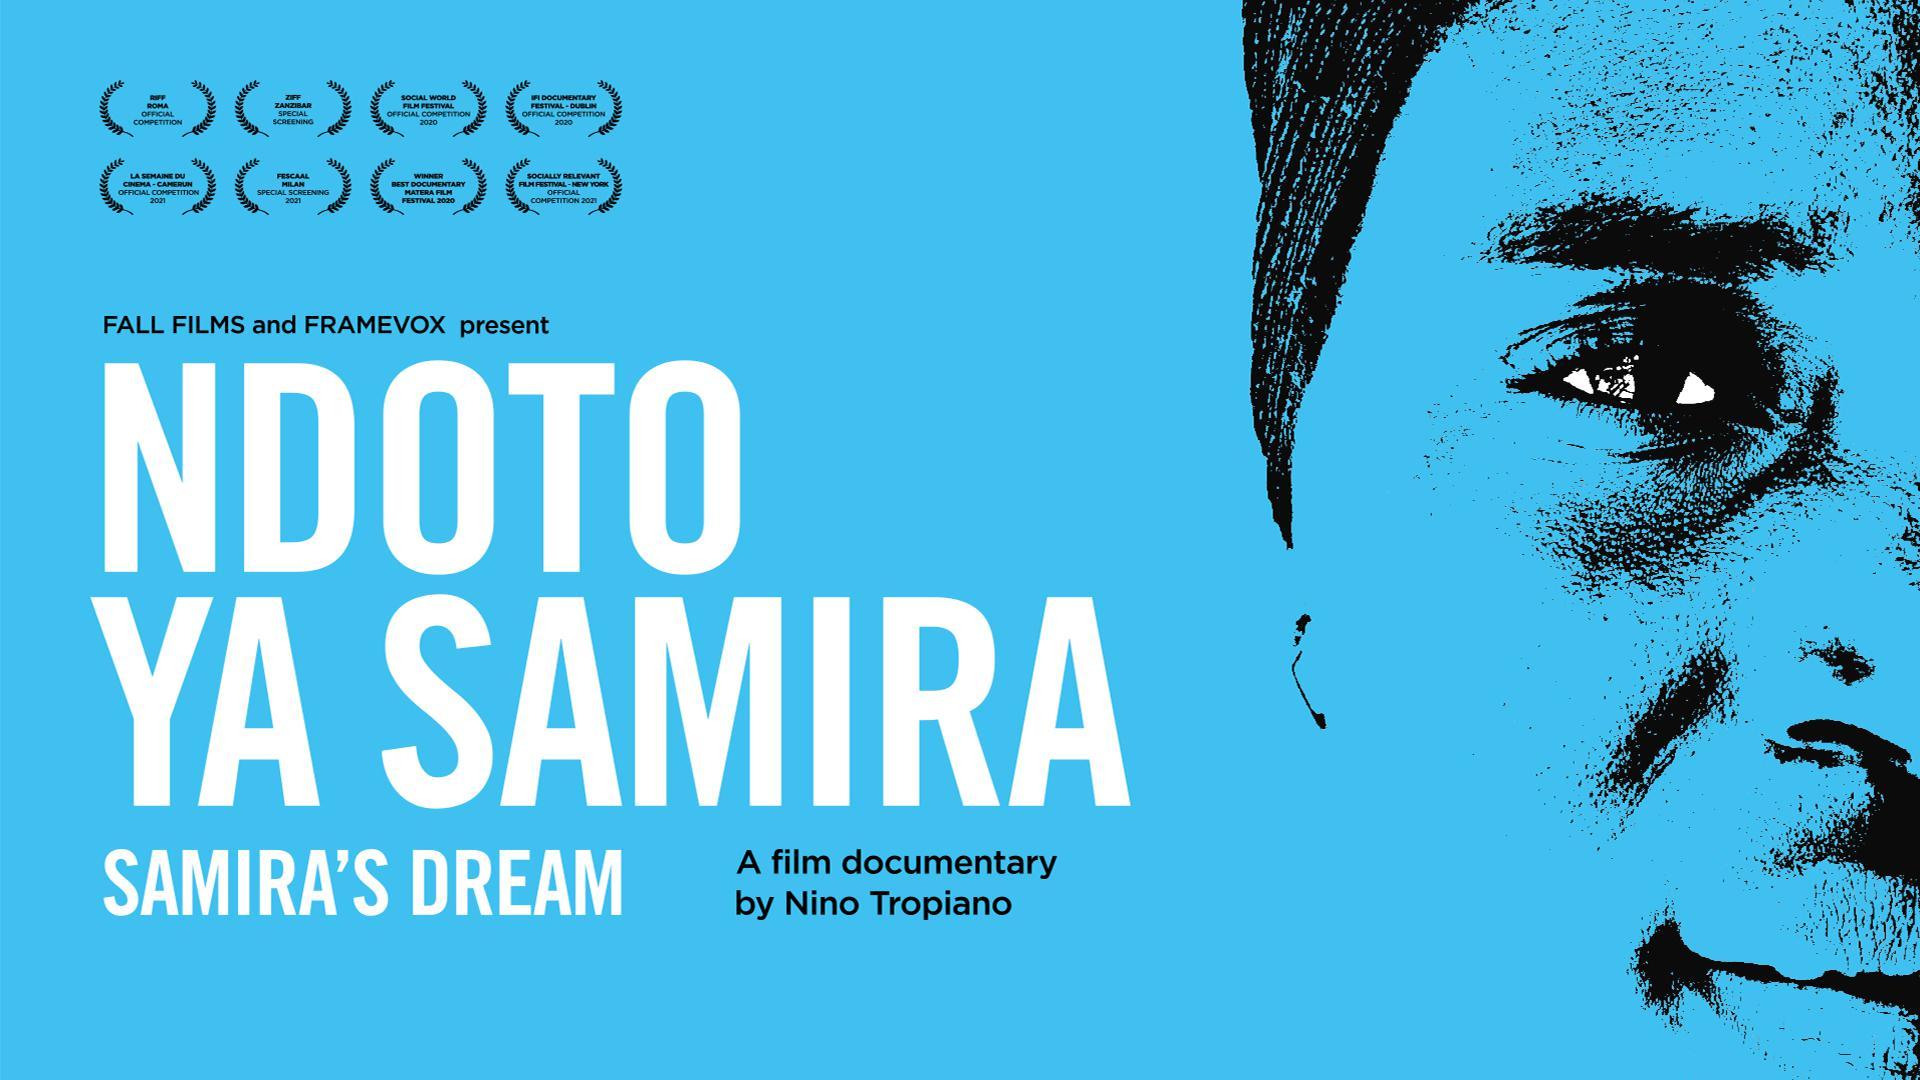 Samira's Dream (Ndoto Ya Samira)